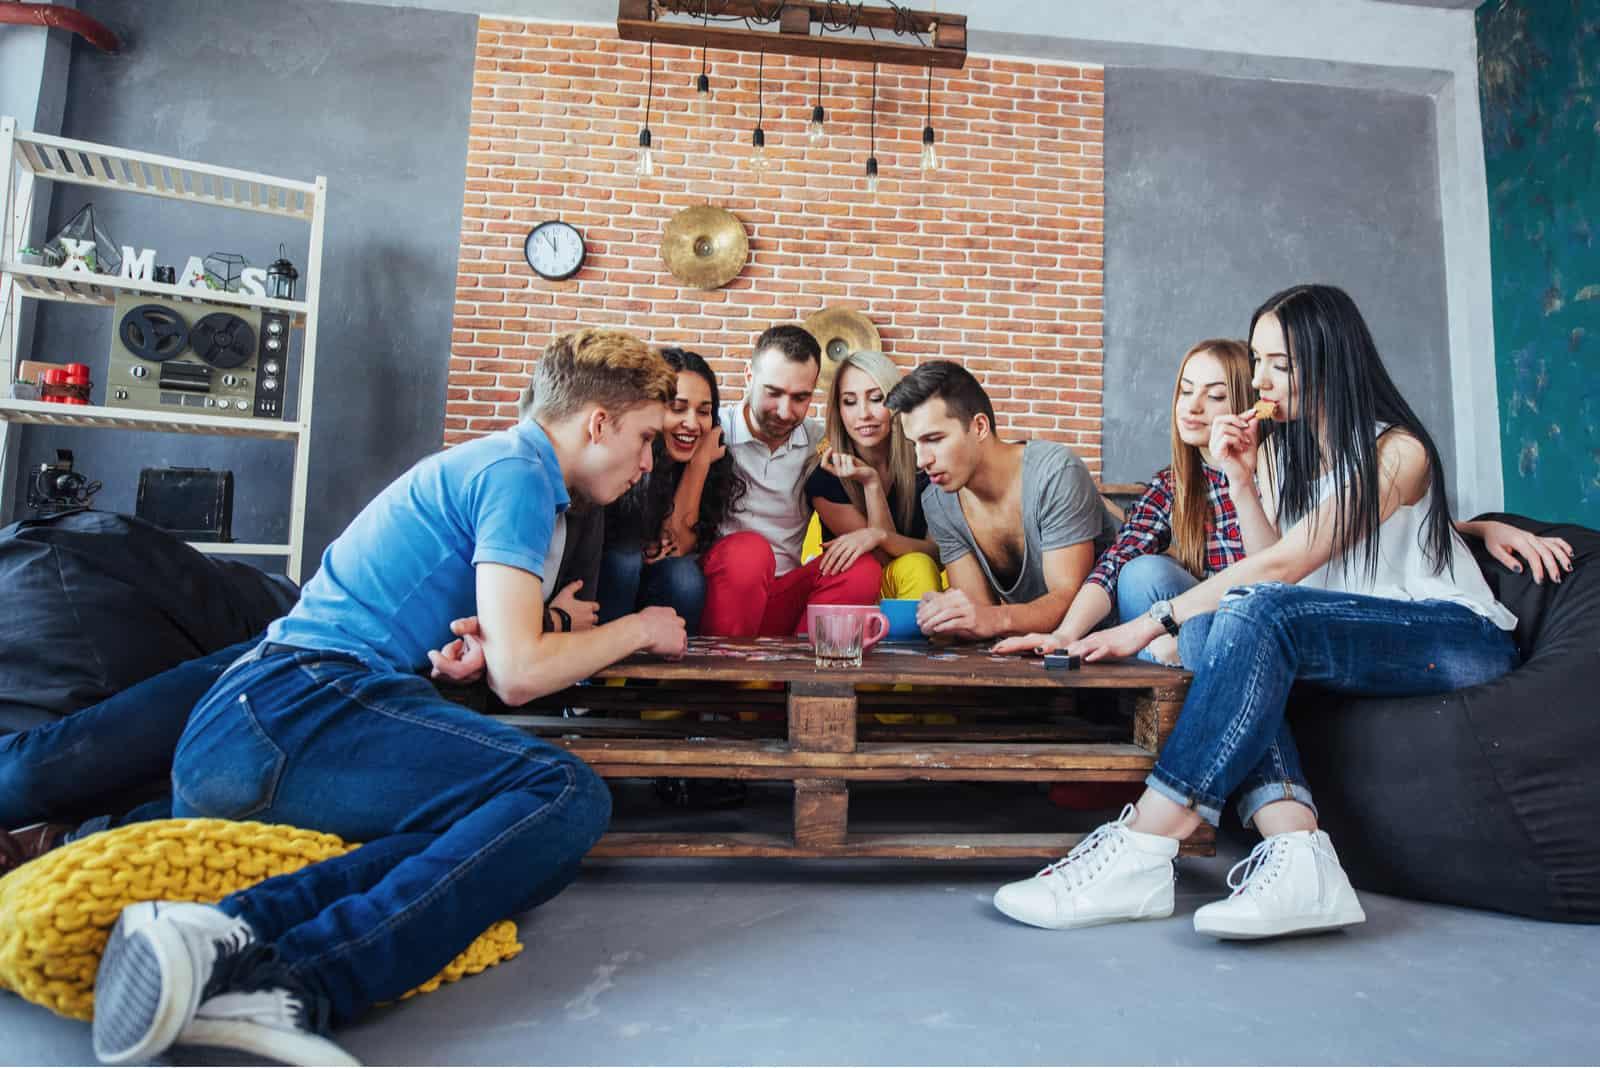 des amis s'assoient à une table et jouent à un jeu